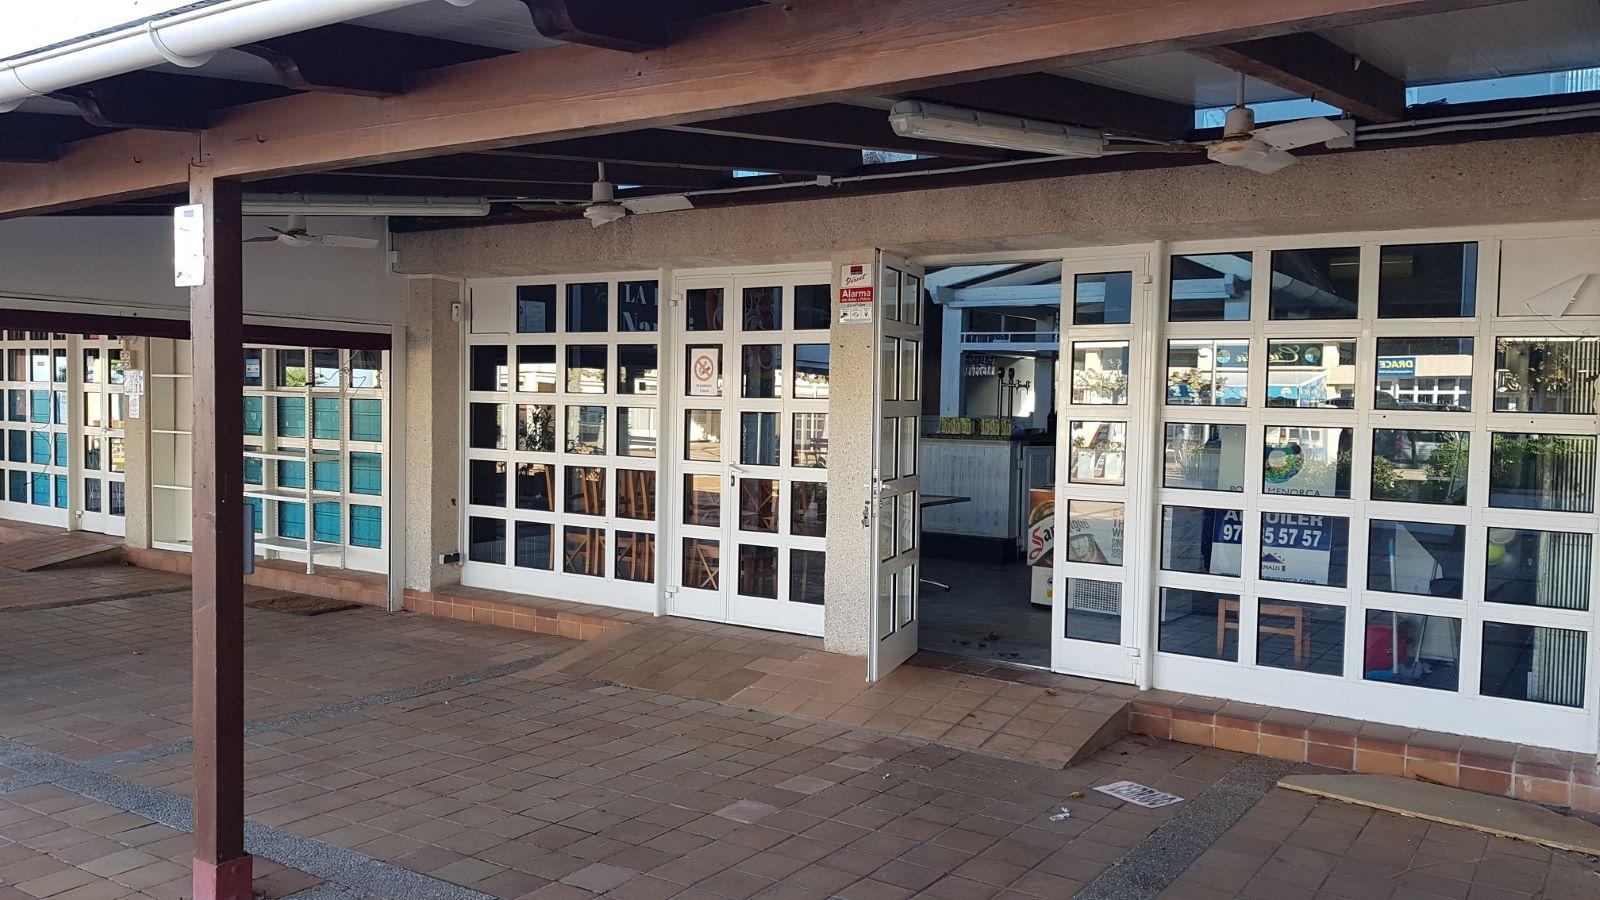 Local comercial en Coves Noves Ref: V2430 3